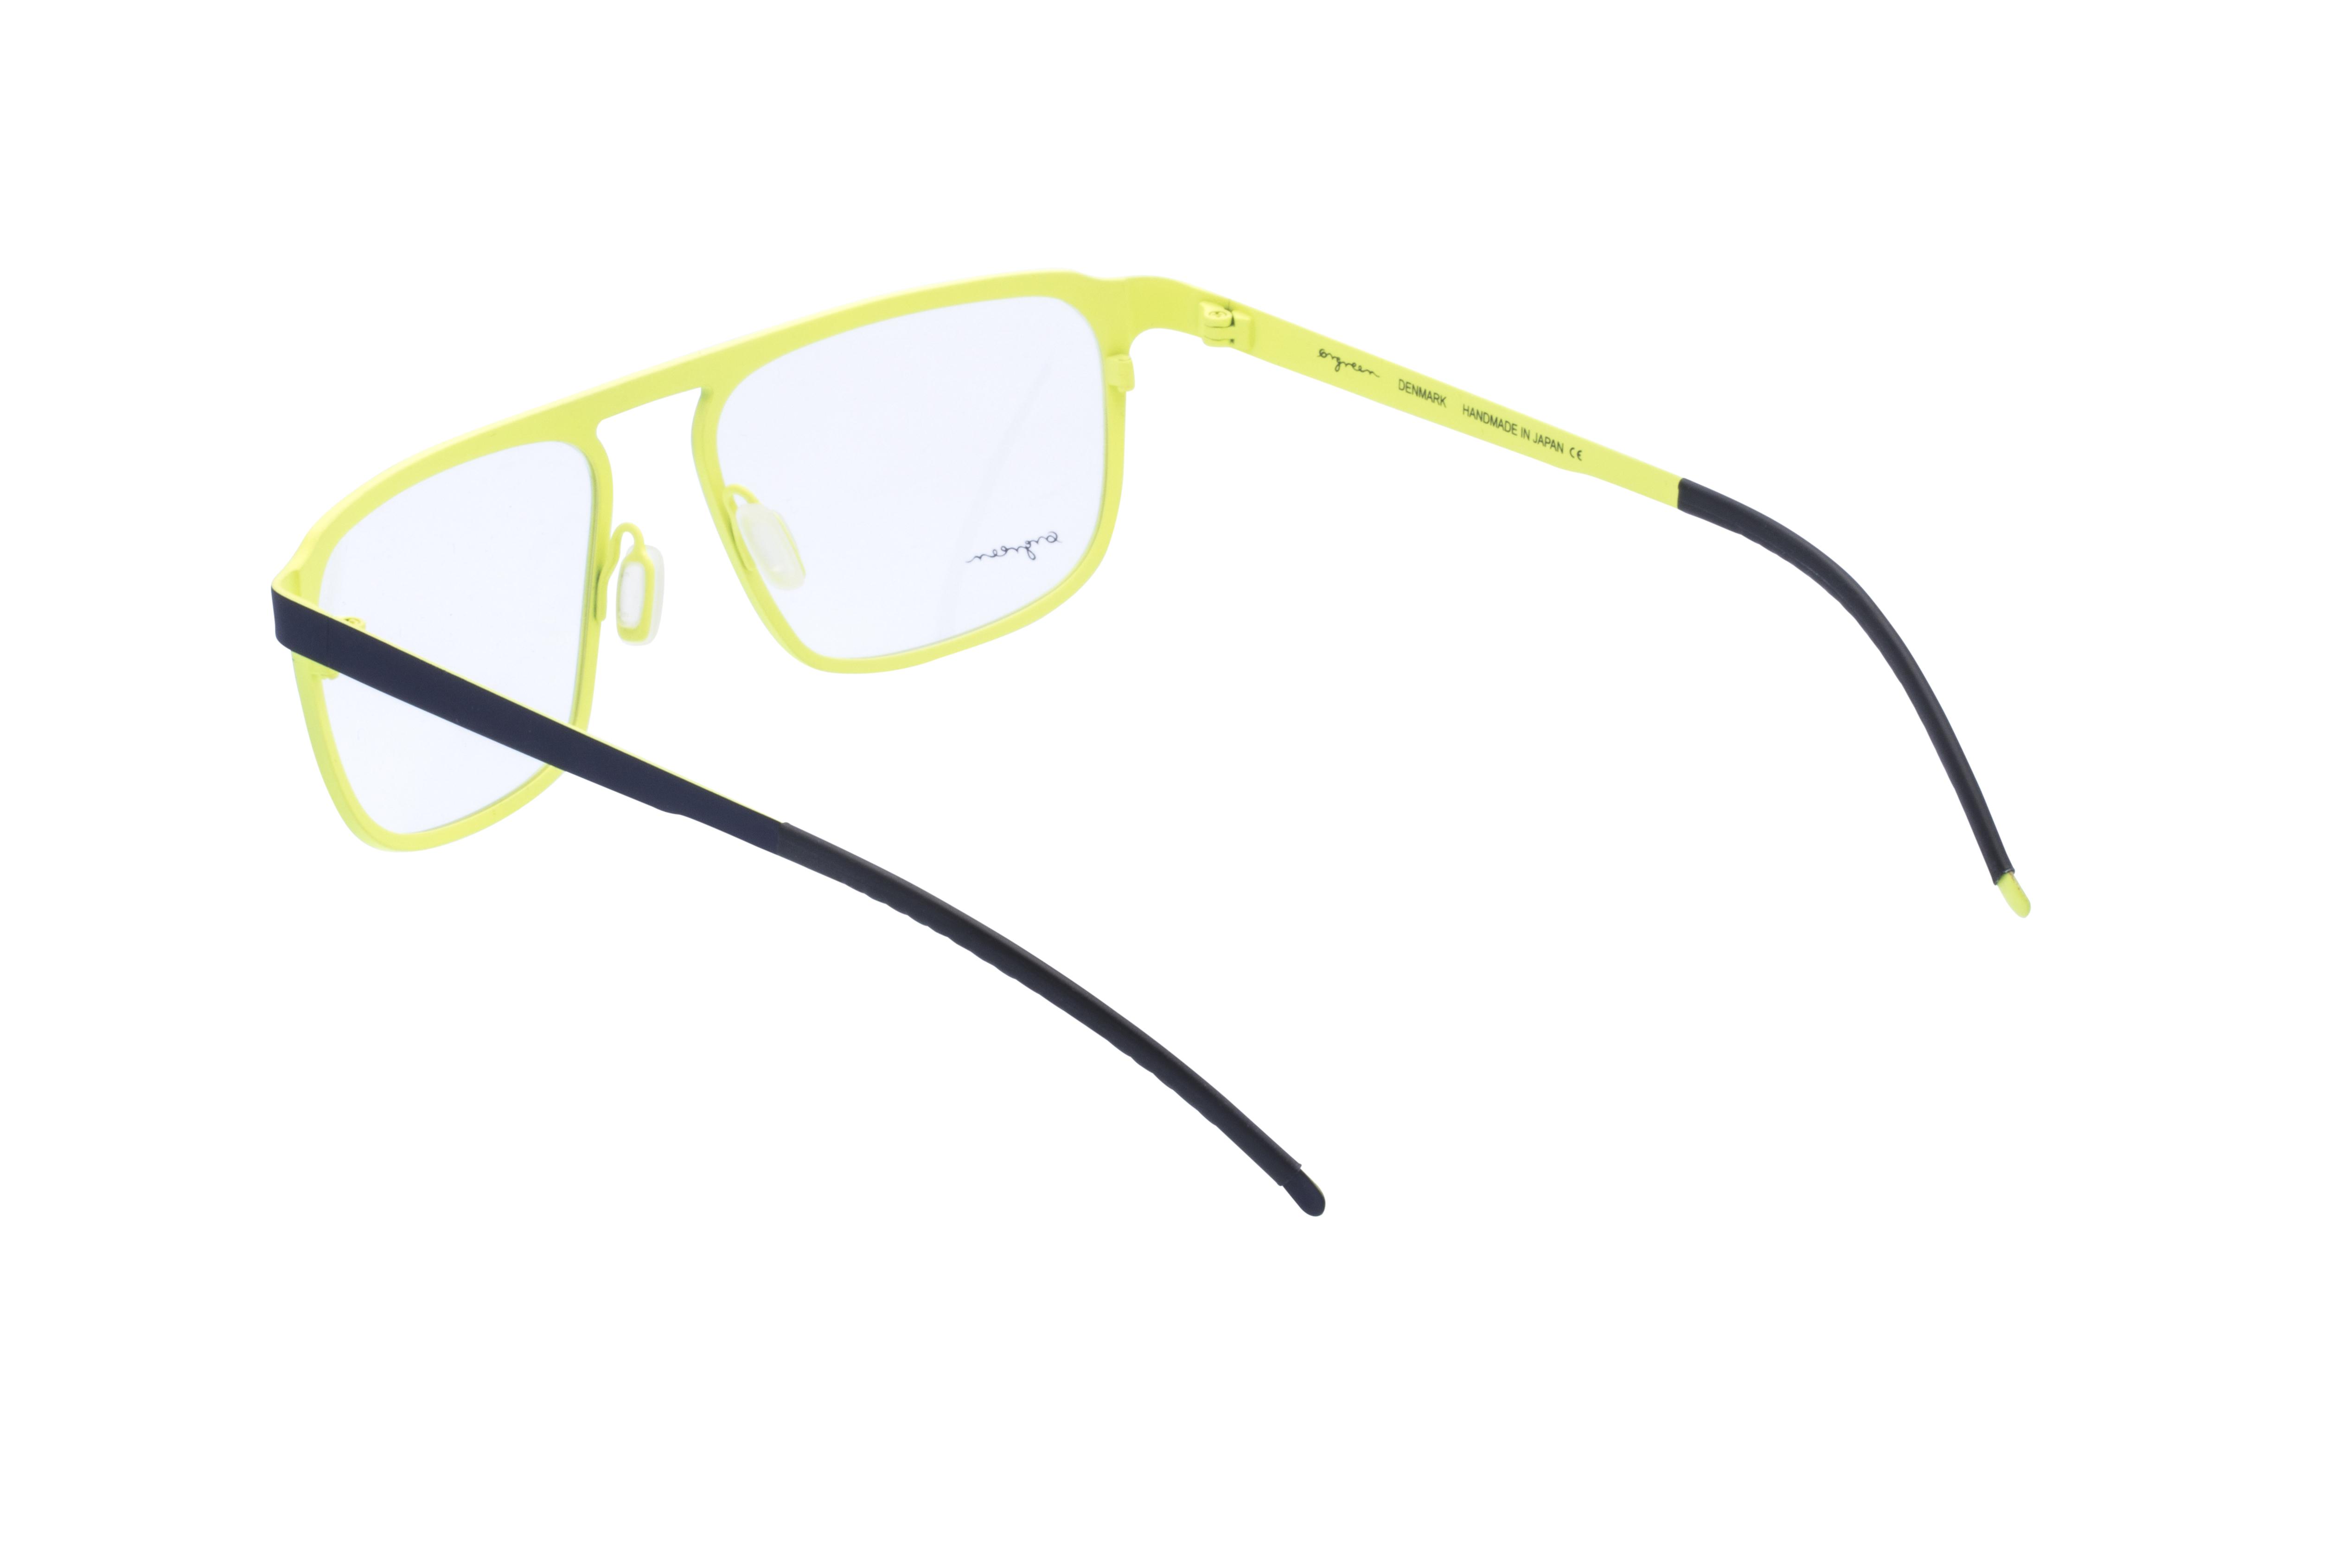 360 Grad Ansicht 15 Orgreen Crow, Brille auf Weiß - Fassung bei KUNK